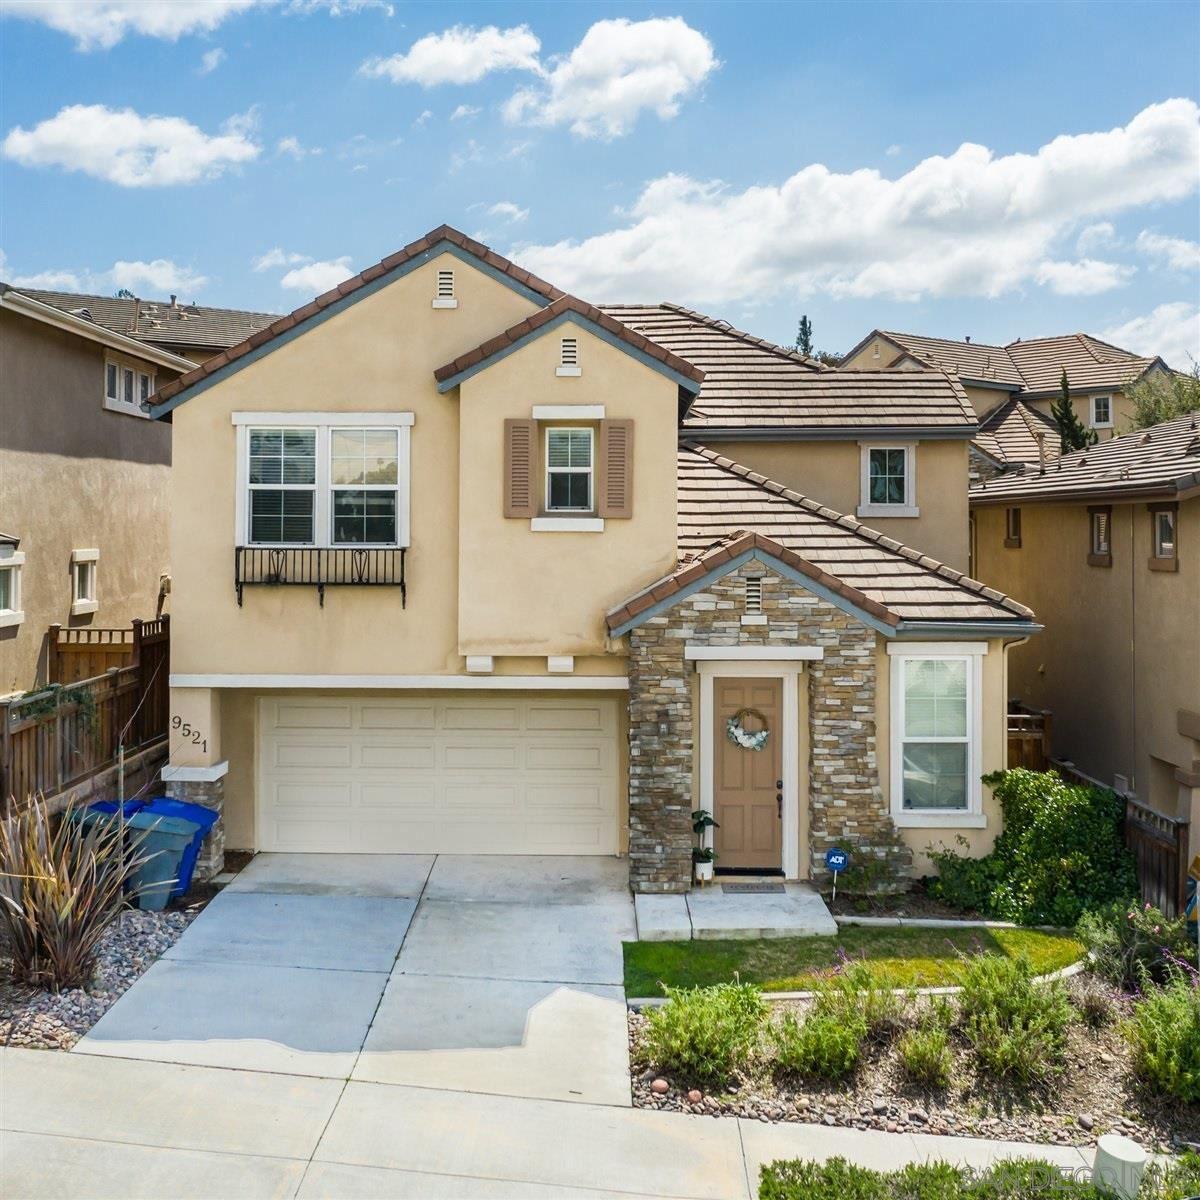 Photo of 9521 Milden st, La Mesa, CA 91942 (MLS # 210009353)